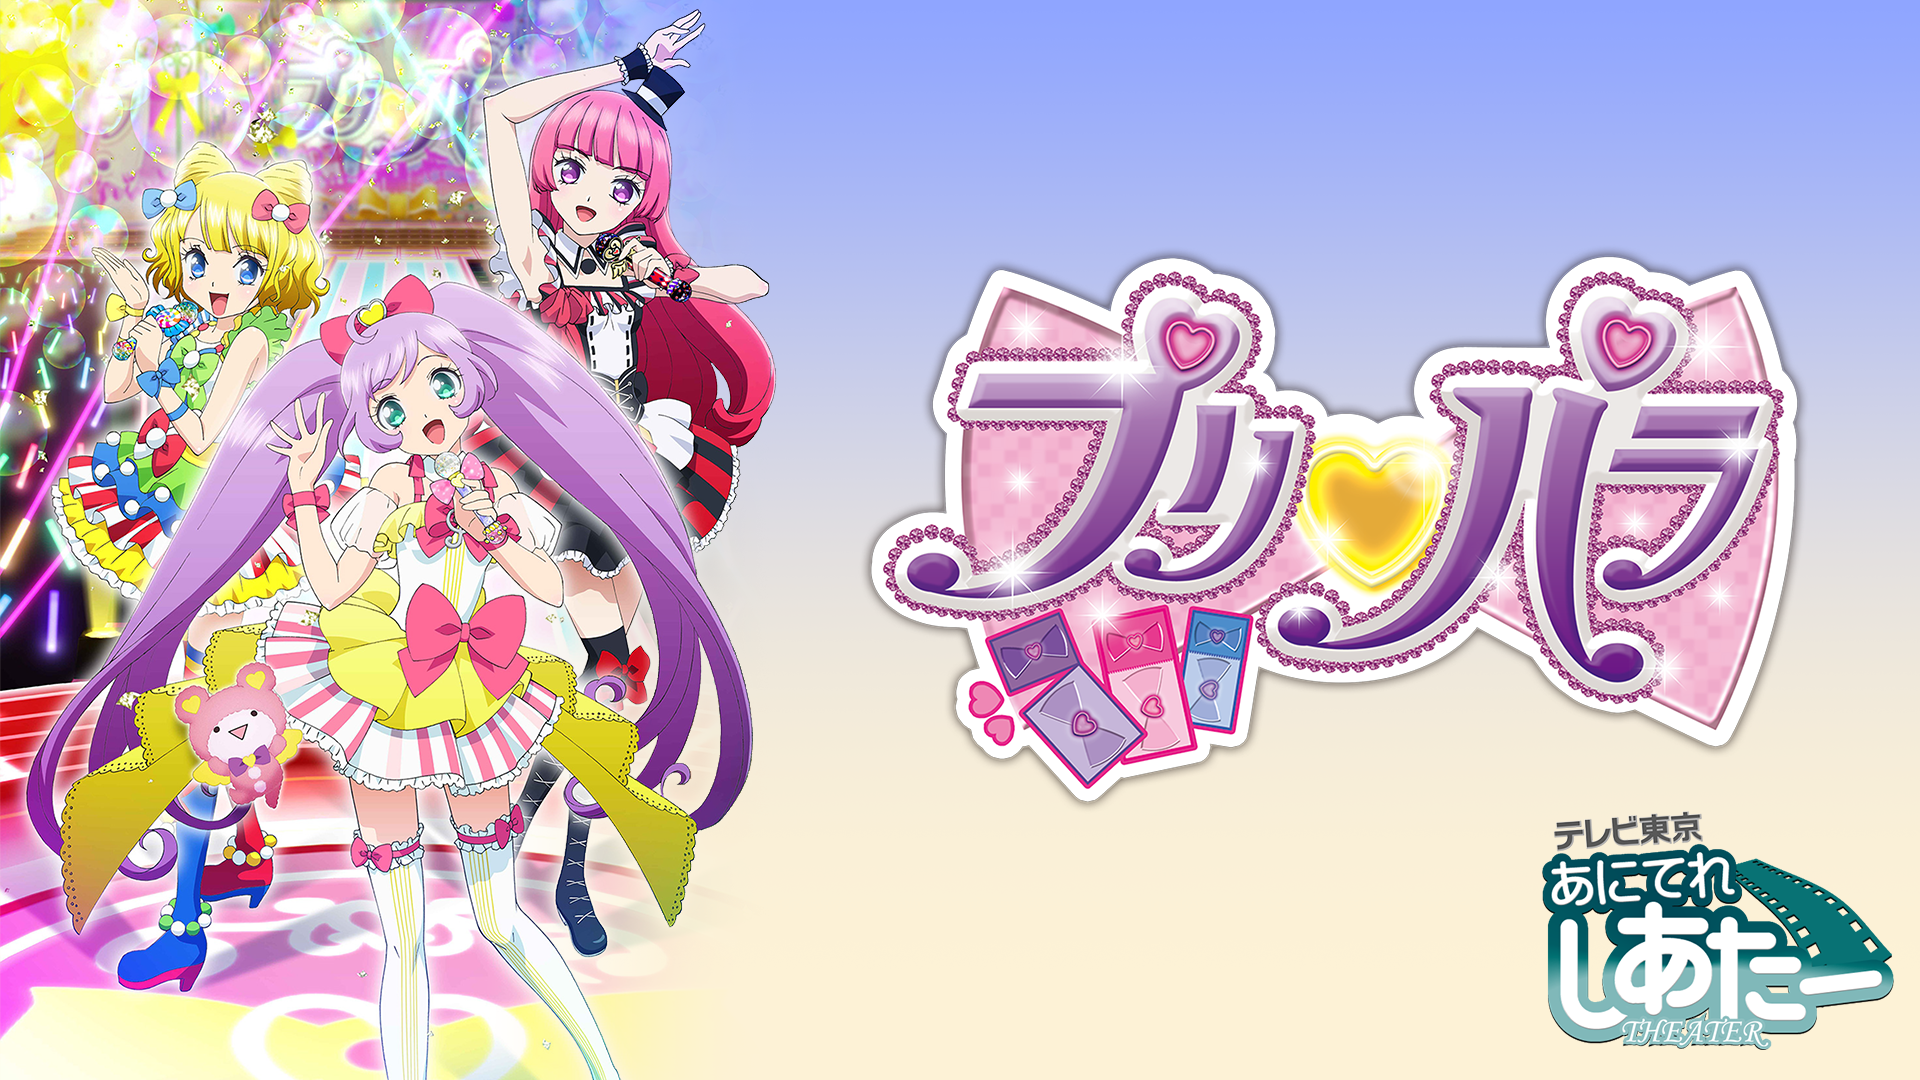 プリパラ 1st season の動画 - 劇場版 プリパラ み~んなでかがやけ!キラリン☆スターライブ!ひびきのコース